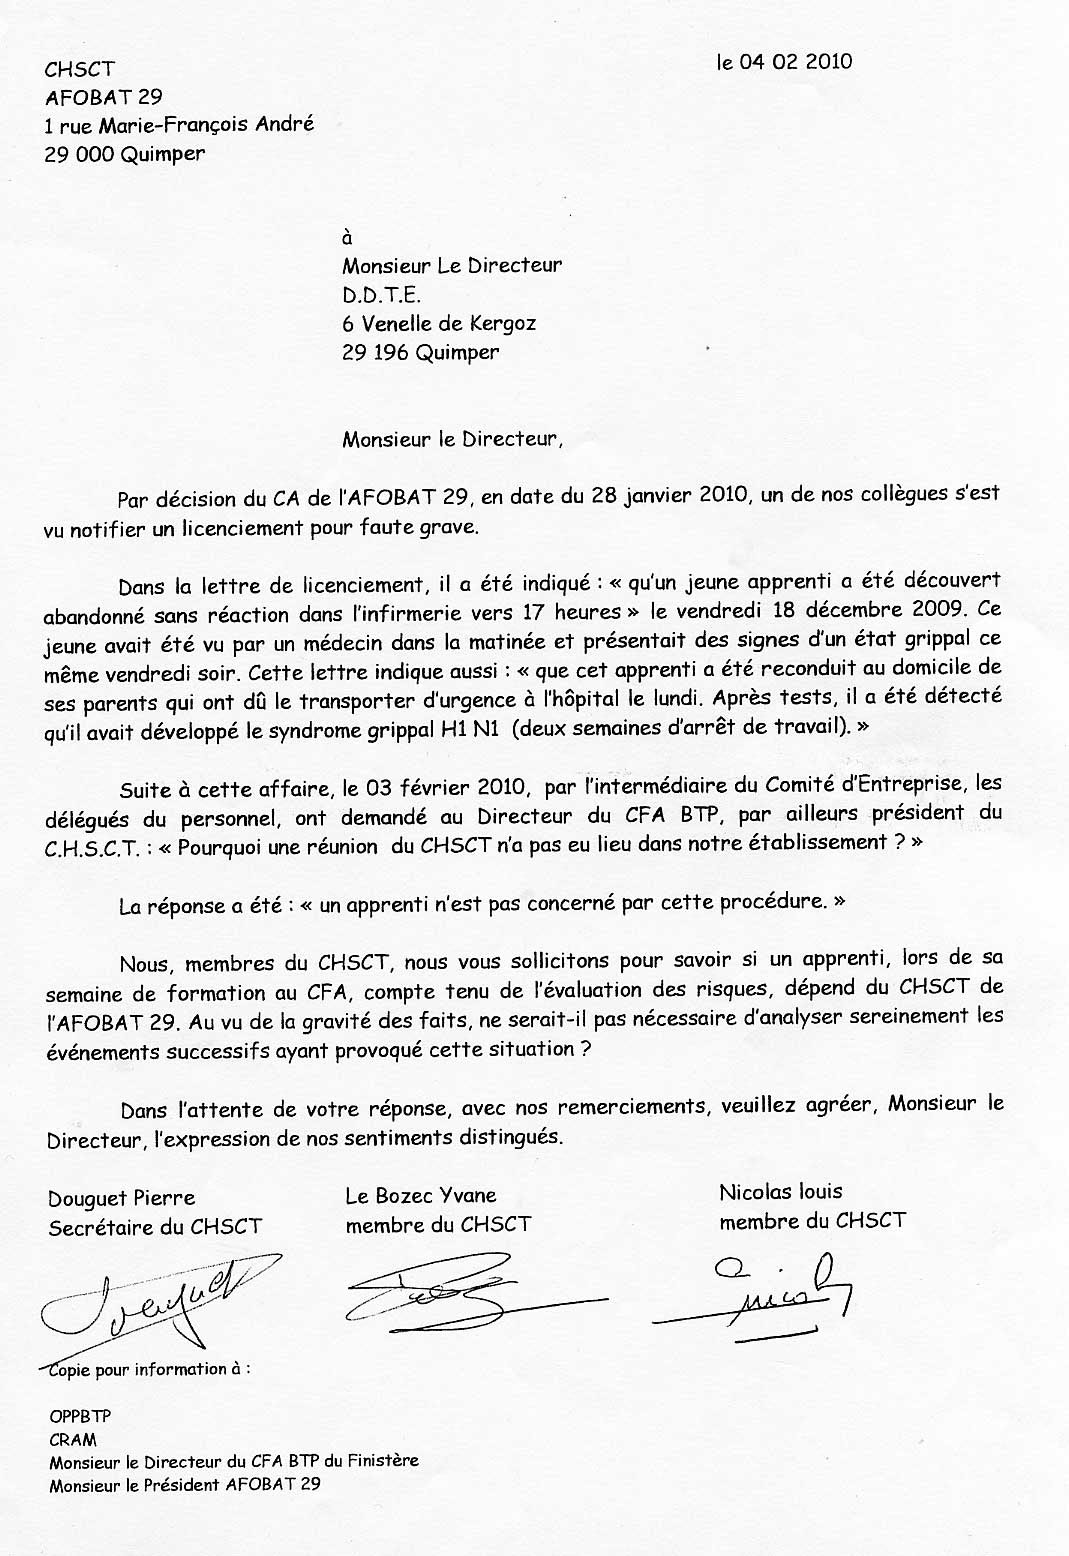 Cover Letter Example: Modèle De Lettre De Motivation Word 2010